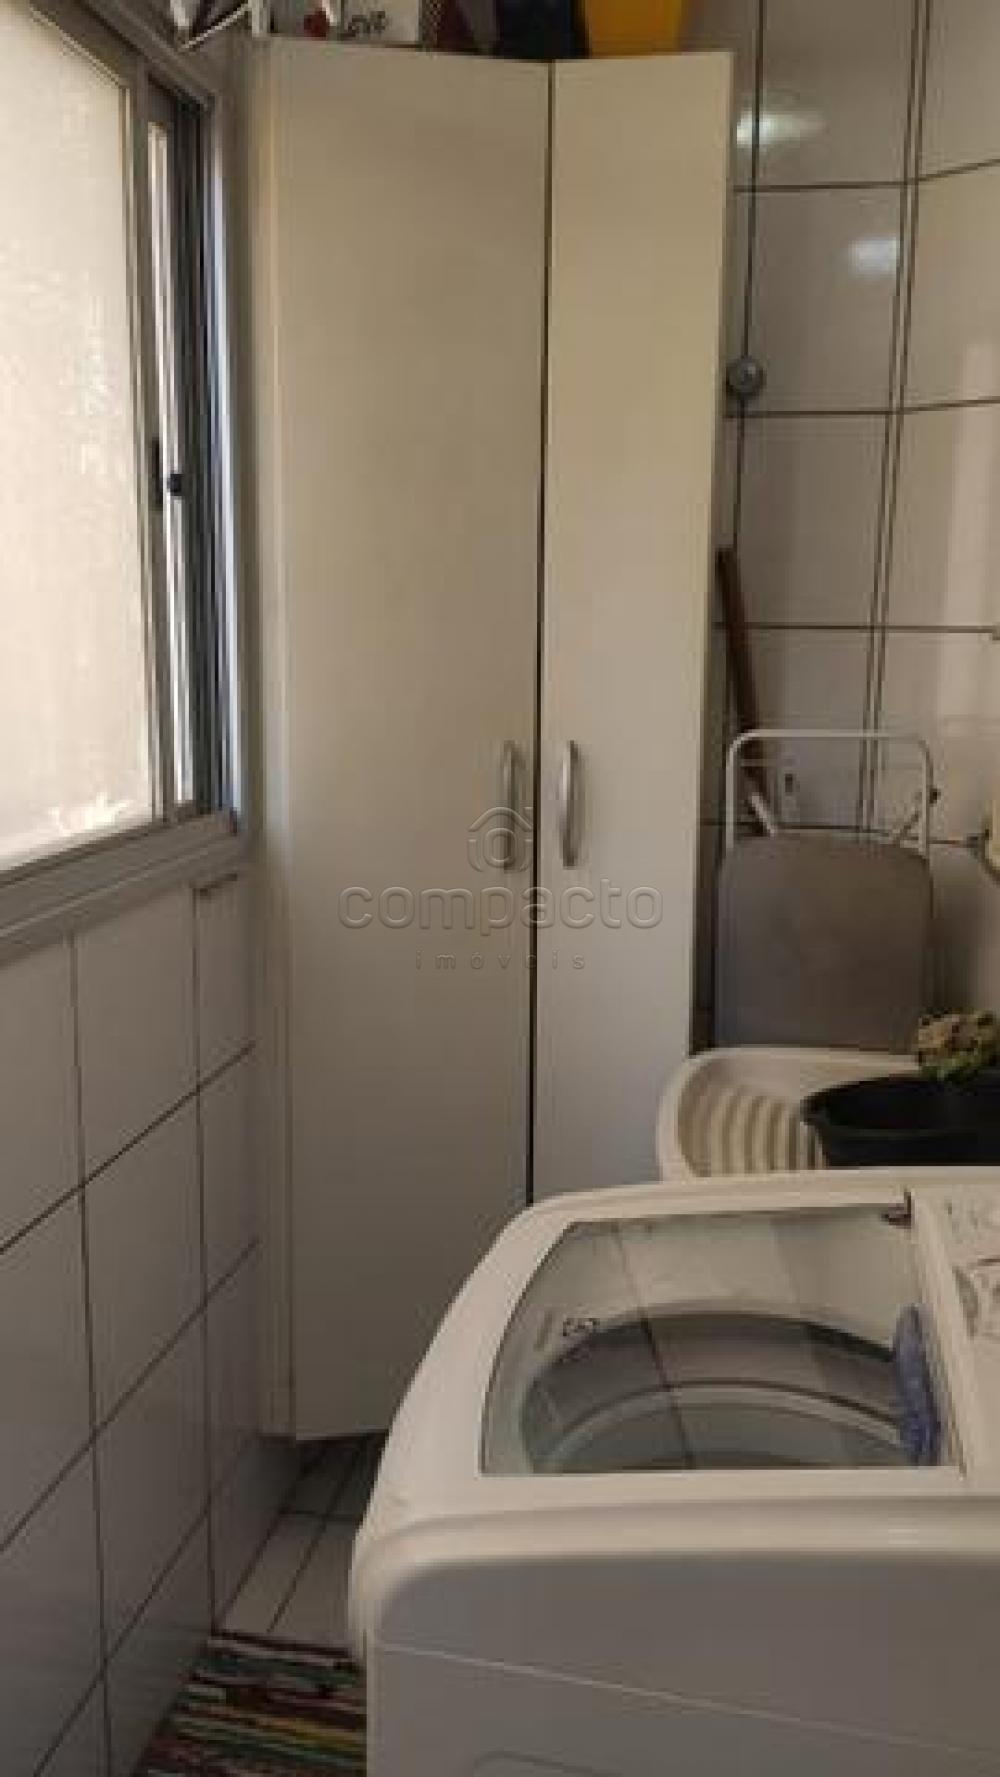 Comprar Apartamento / Padrão em São José do Rio Preto apenas R$ 170.000,00 - Foto 15